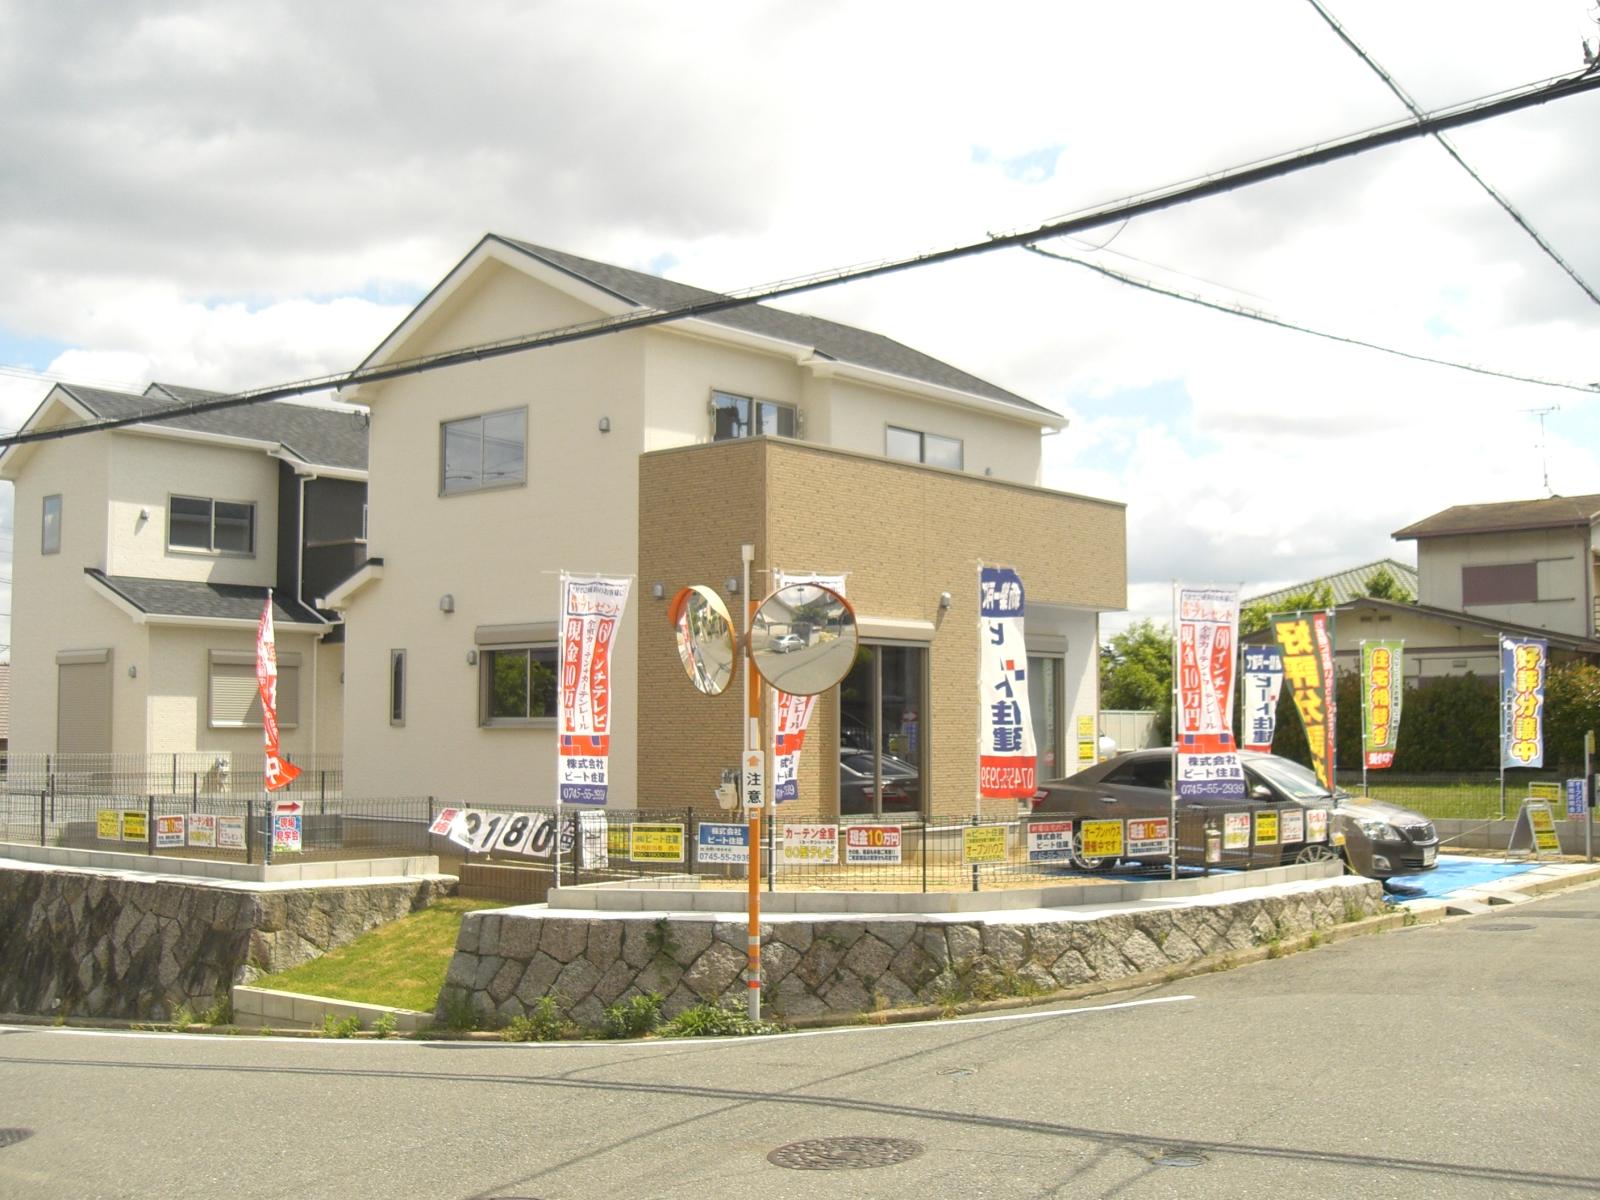 川合町 泉台 新築 全2棟 建物 完成です!